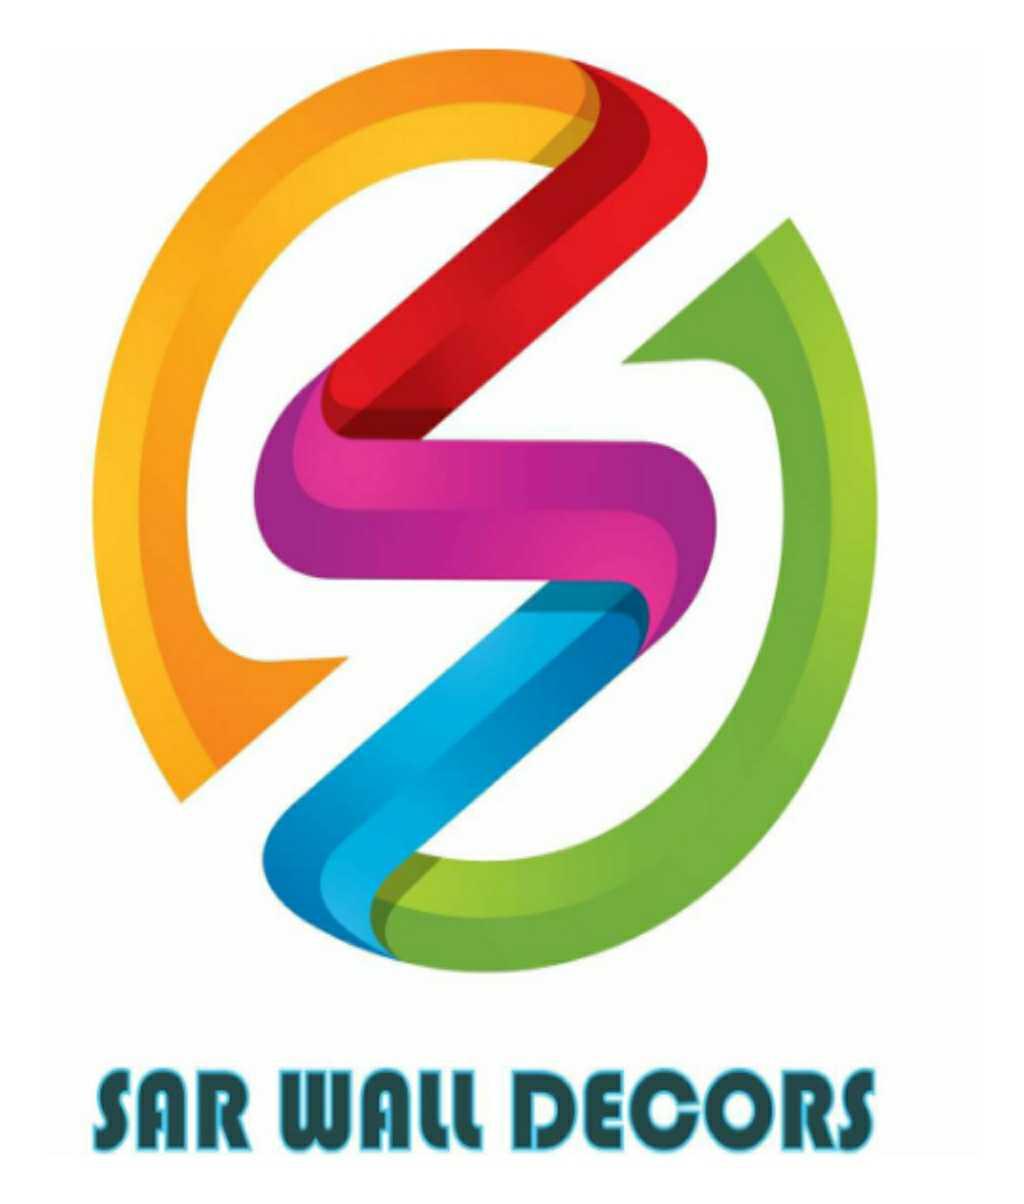 SAR WALL DECORS